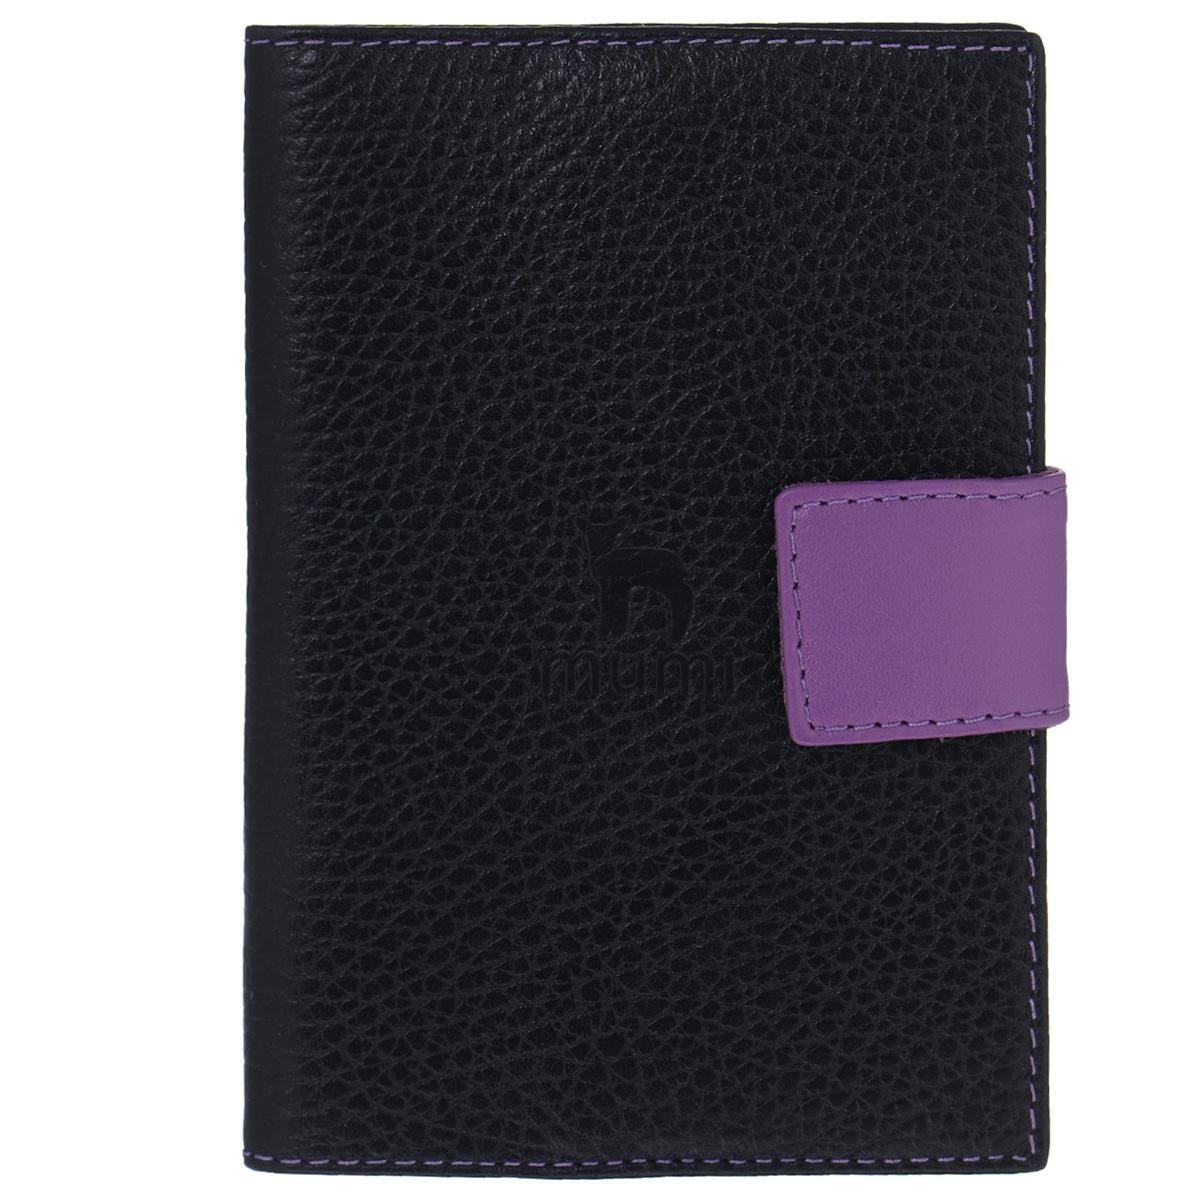 Обложка для паспорта Dimanche Mumi, цвет: черный, фиолетовый. 050Натуральная кожаИзысканная обложка для паспорта Dimanche Mumi изготовлена из высококачественной натуральной кожи и декорирована фактурным тиснением. Изделие закрывается хлястиком на кнопку. Внутри обложка отделана полиэстером и содержит три боковых кармана, которые надежно зафиксируют ваш документ.Изделие упаковано в пластиковый чехол.Модная обложка для паспорта не только поможет сохранить внешний вид вашего документа и защитить его от повреждений, но и станет стильным аксессуаром, который прекрасно дополнит ваш образ.